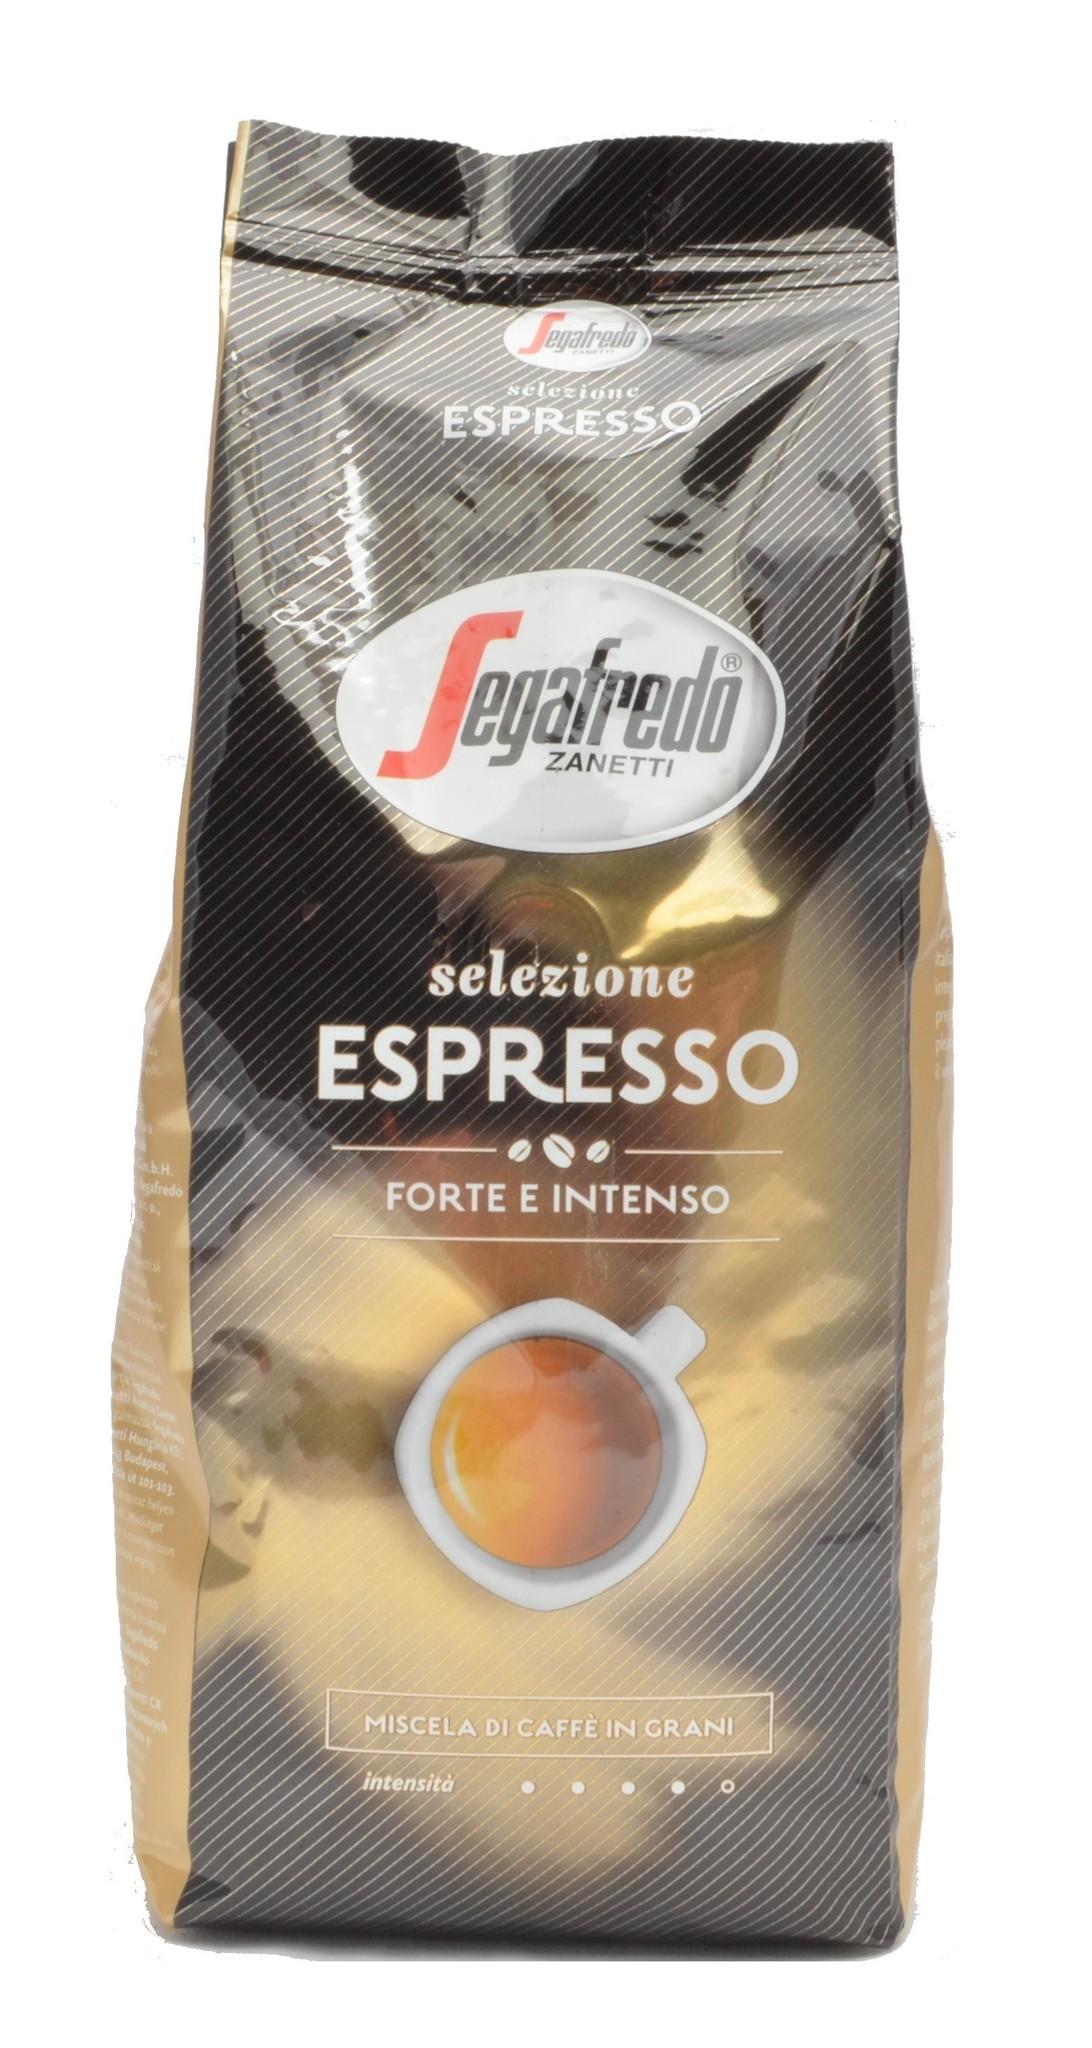 Segafredo Selezione Espresso bonen 1 kg. vanaf € 9.00